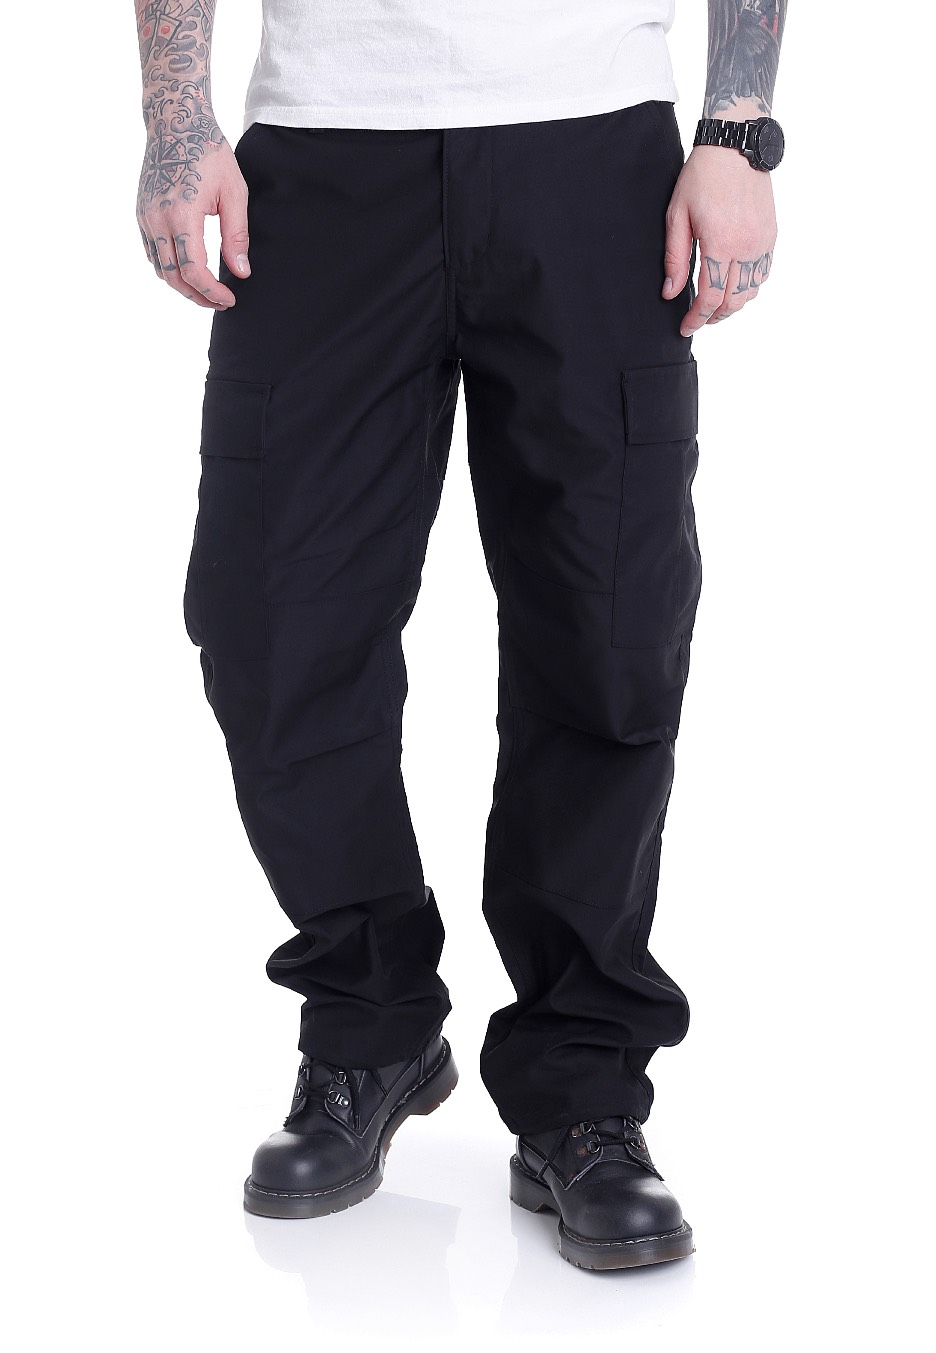 REELL Flex Cargo Black Canvas Pants